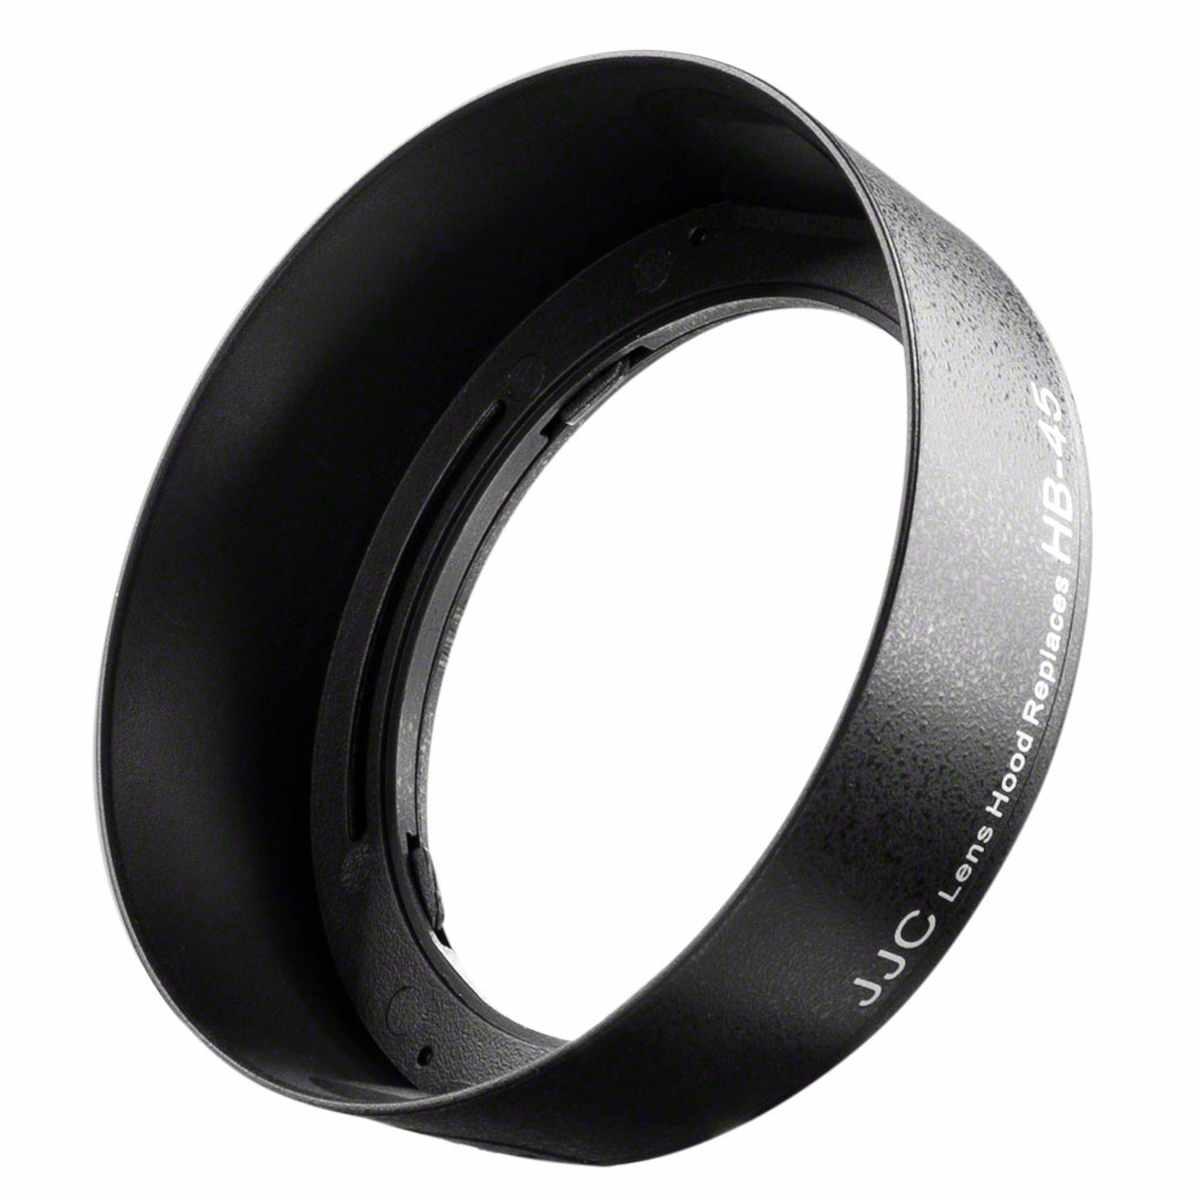 JJC Lens Hood LH-45 for Nikon